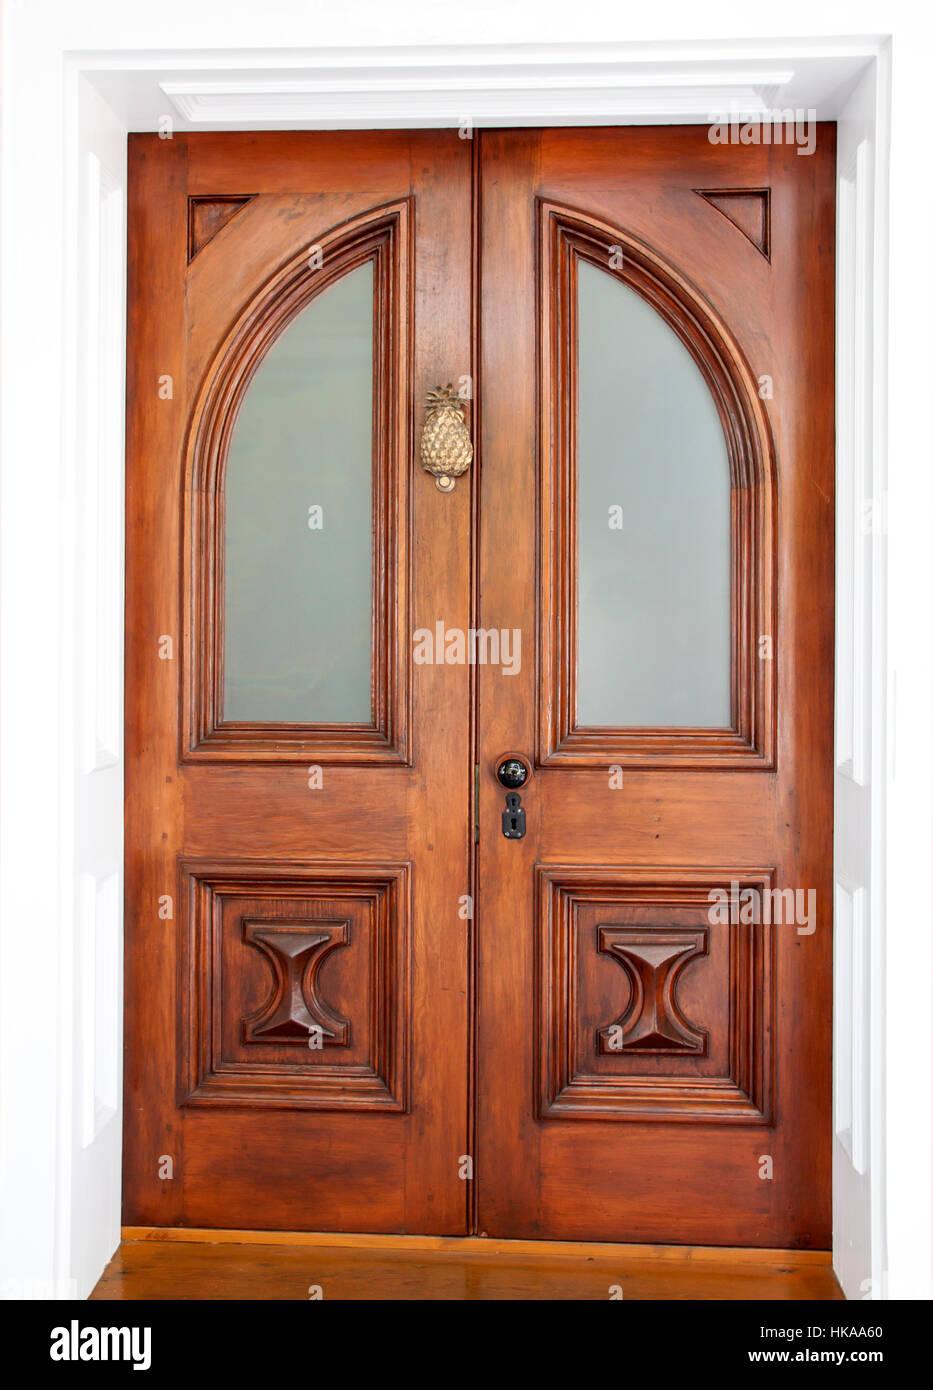 Ananas-Symbolik der Gastfreundschaft an der Eingangstür eines Hauses. Stockbild